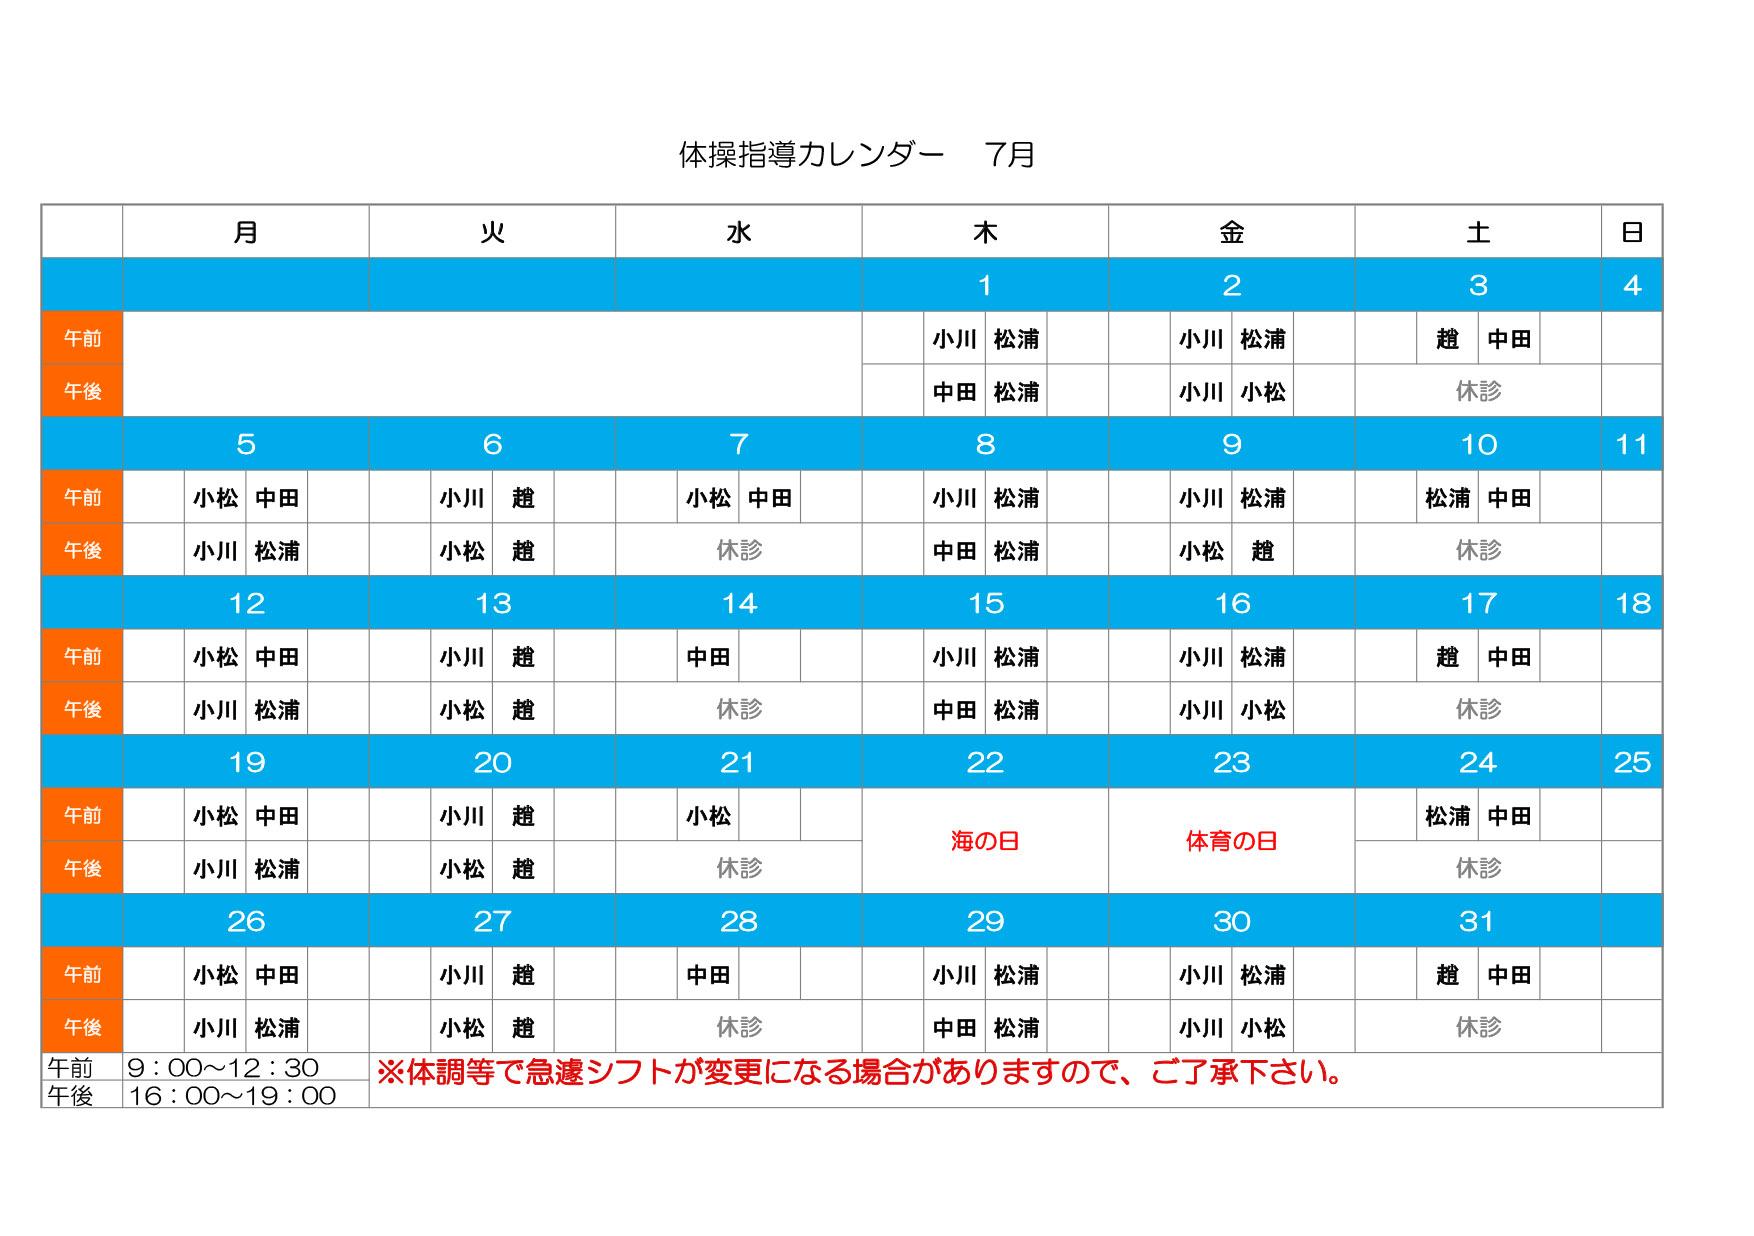 体操カレンダー7月